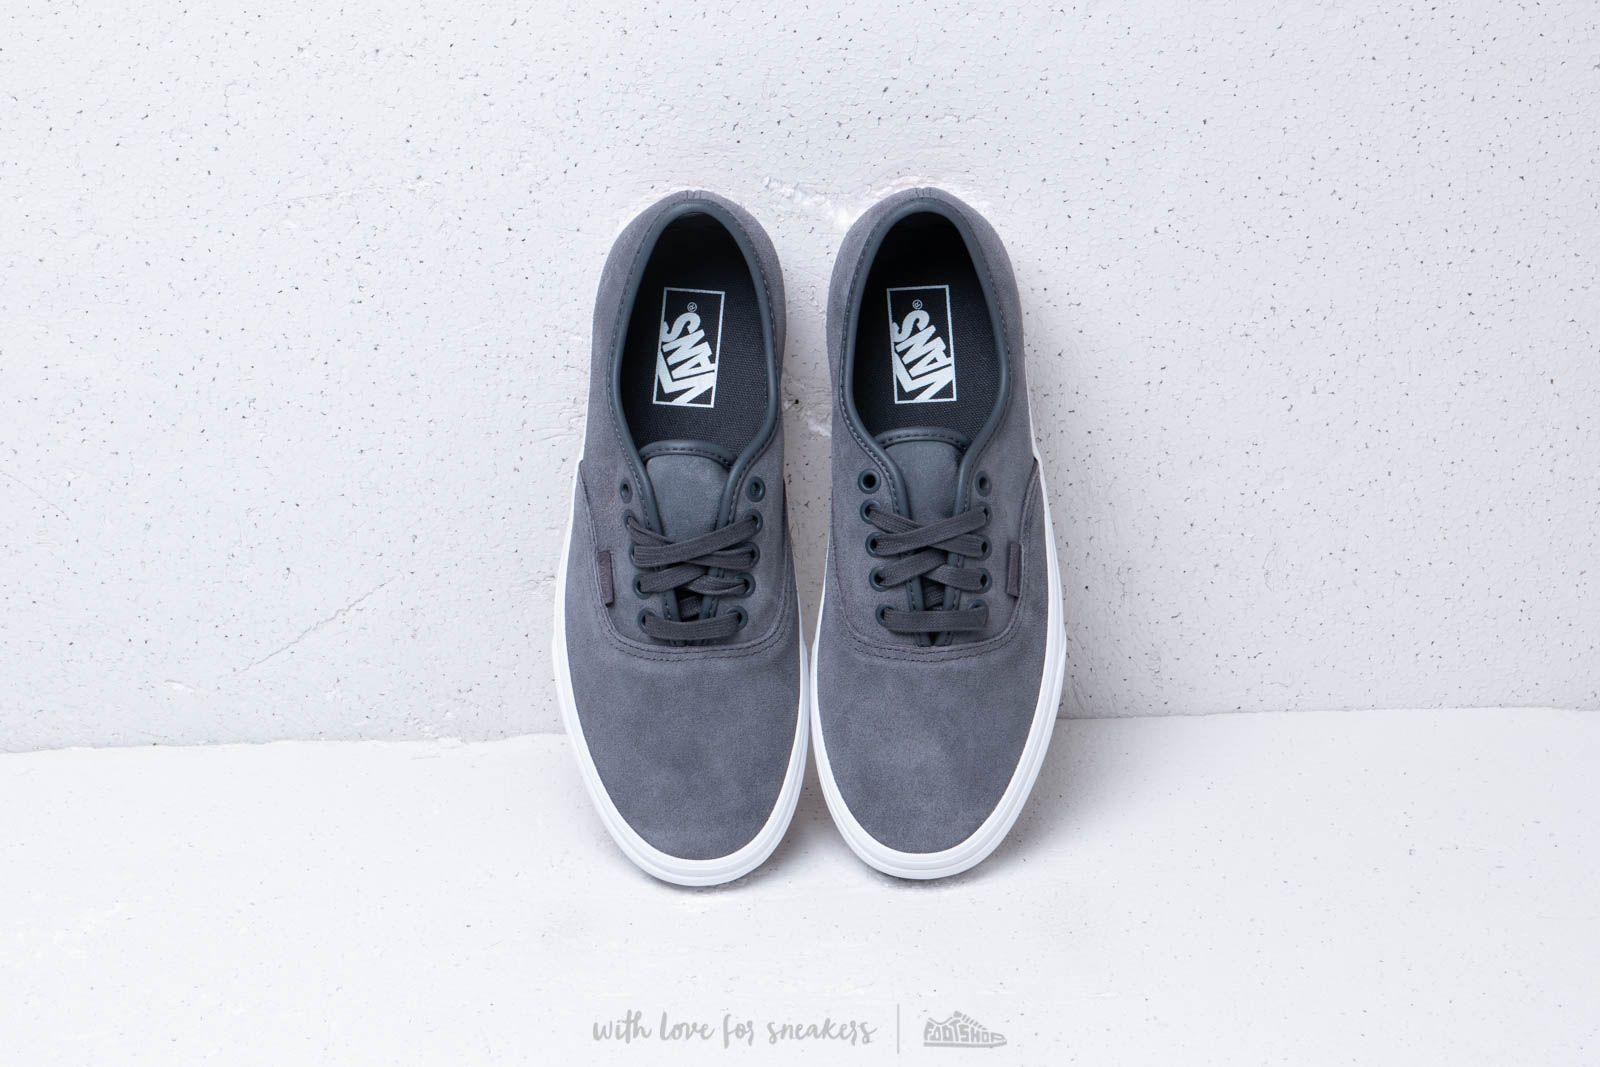 Vans Soft Suede Authentic Shoes